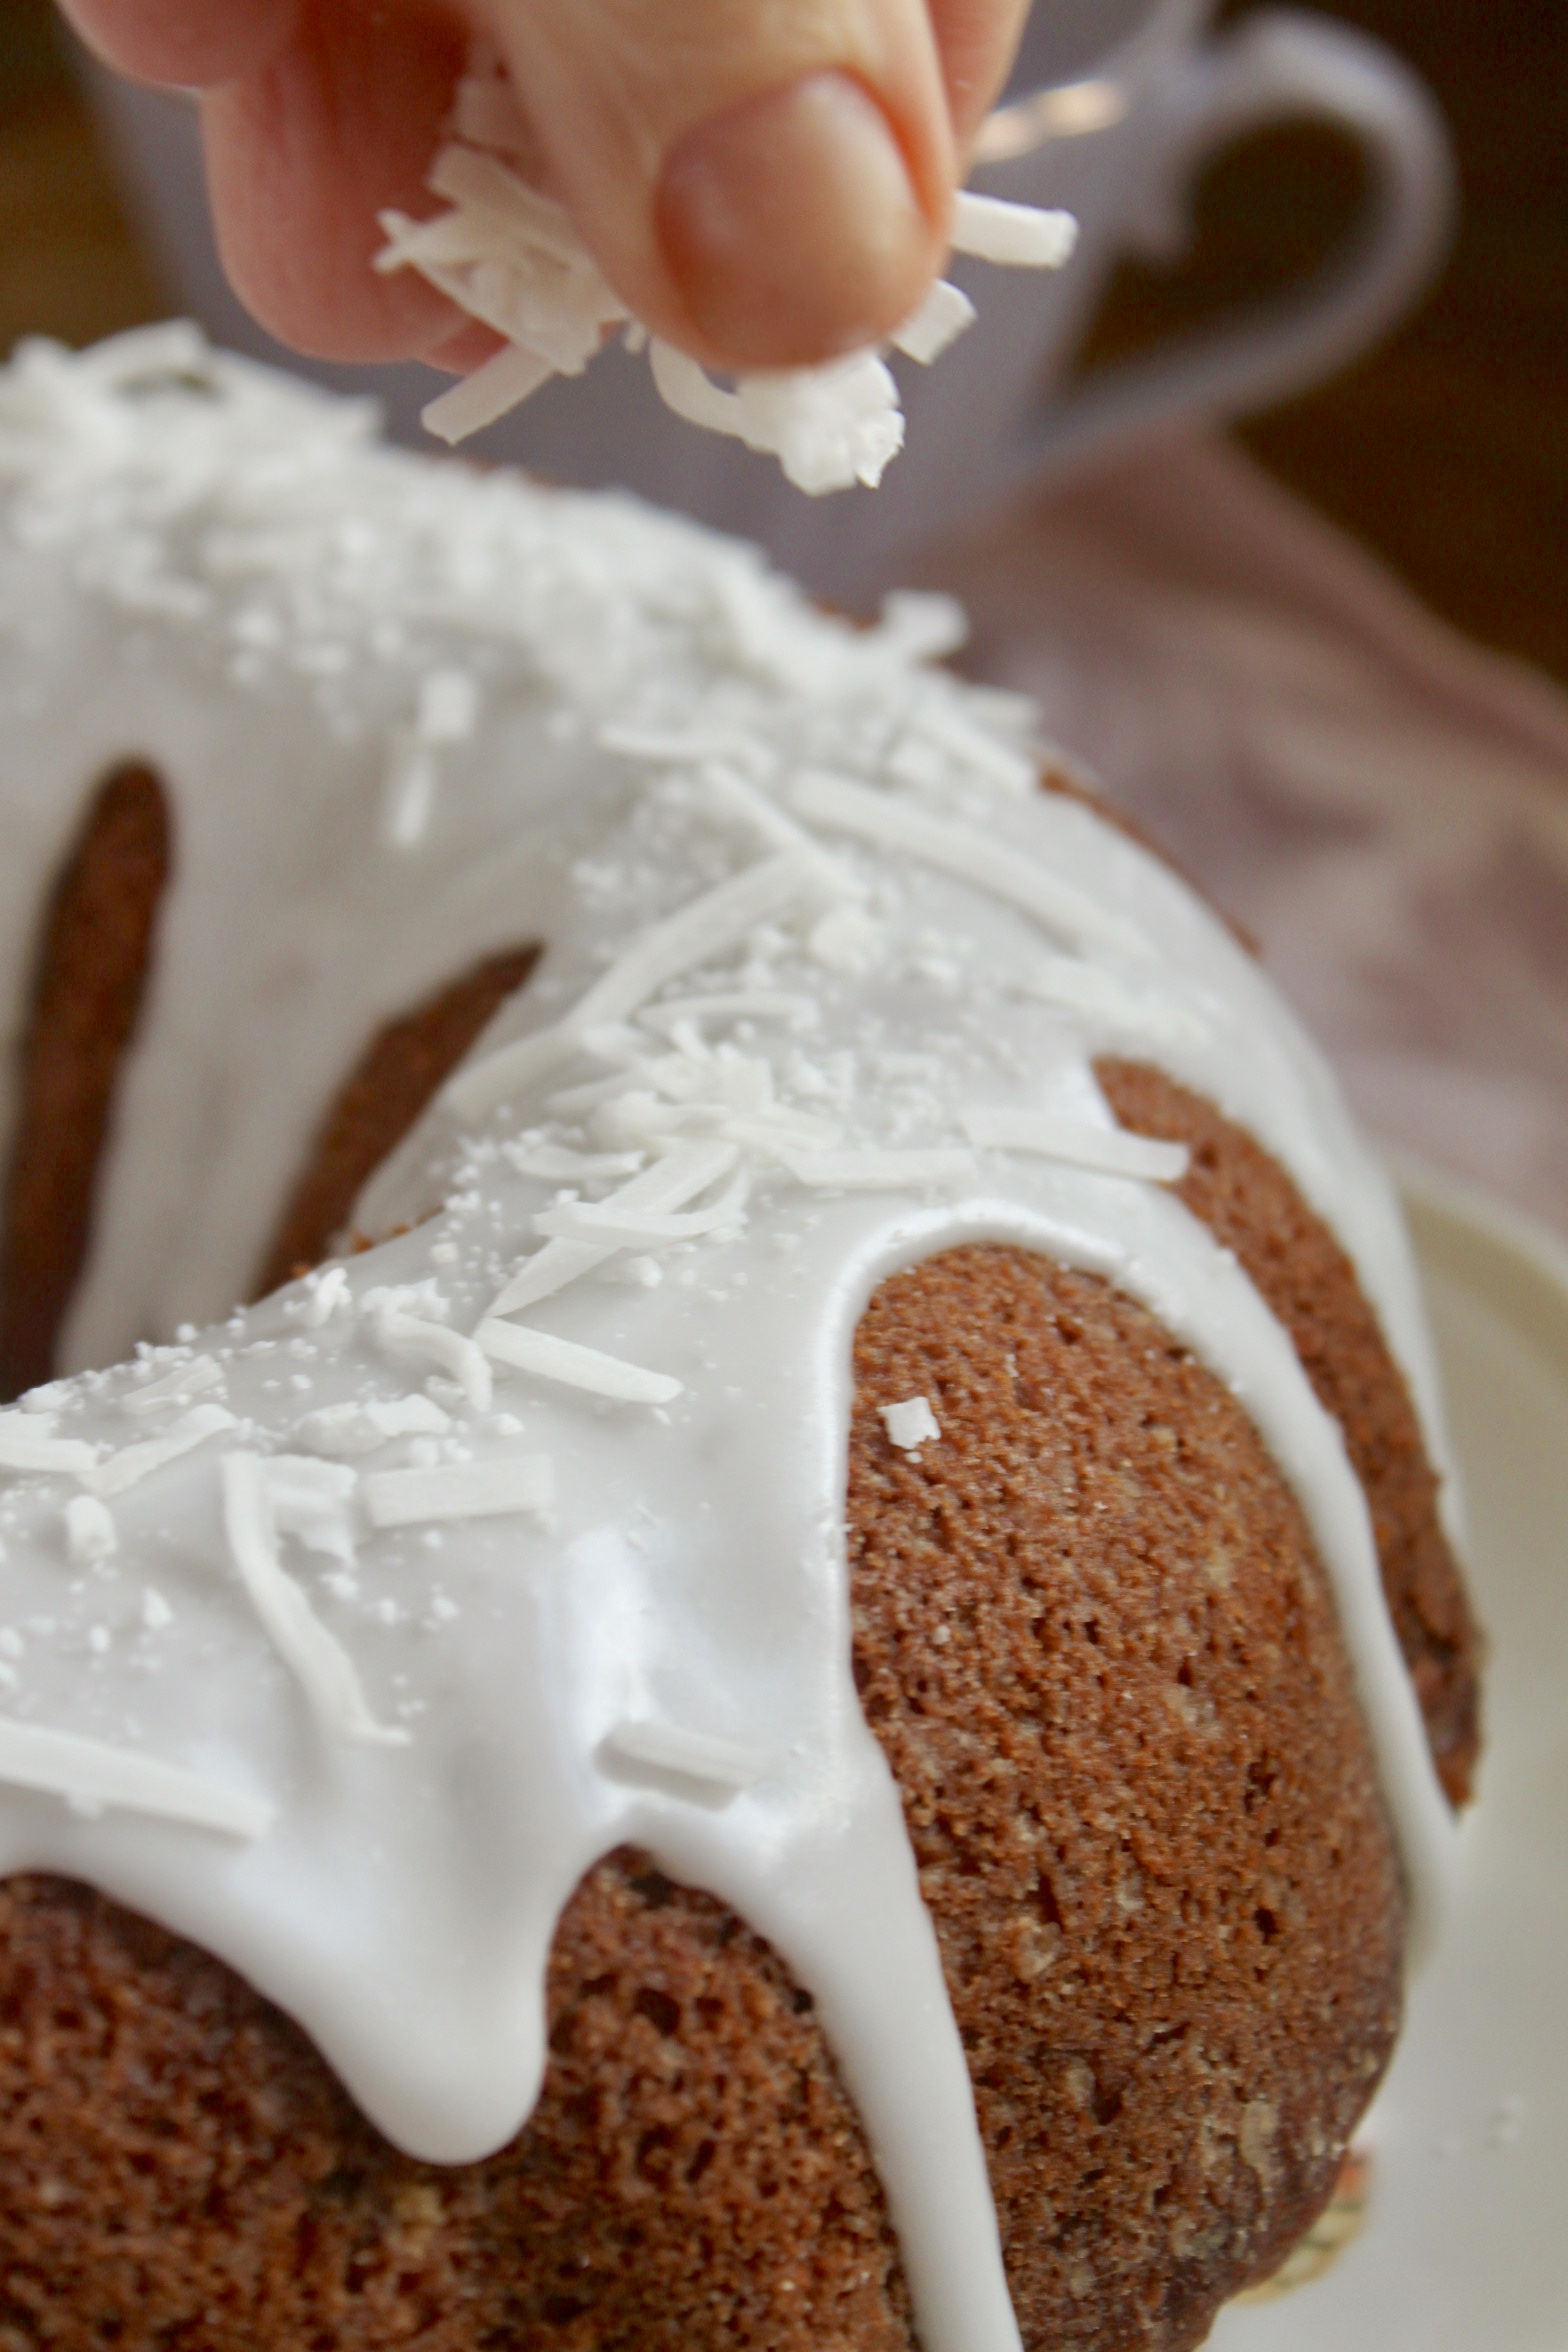 decorating banana coconut bundt cake